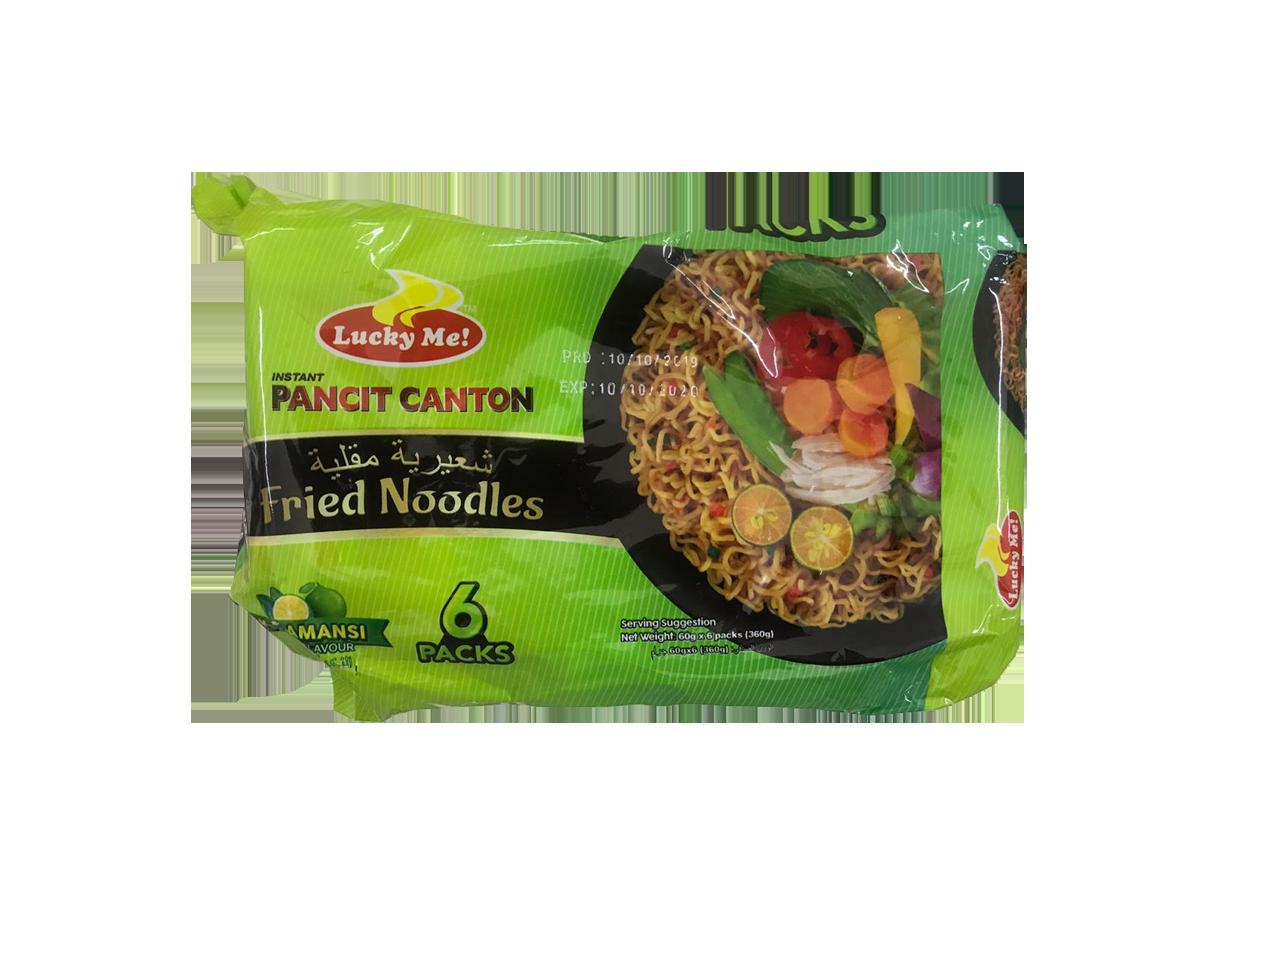 Lucky Me Pancit Canton Fried Noodles Calamansi 1 Pack (6pcs)